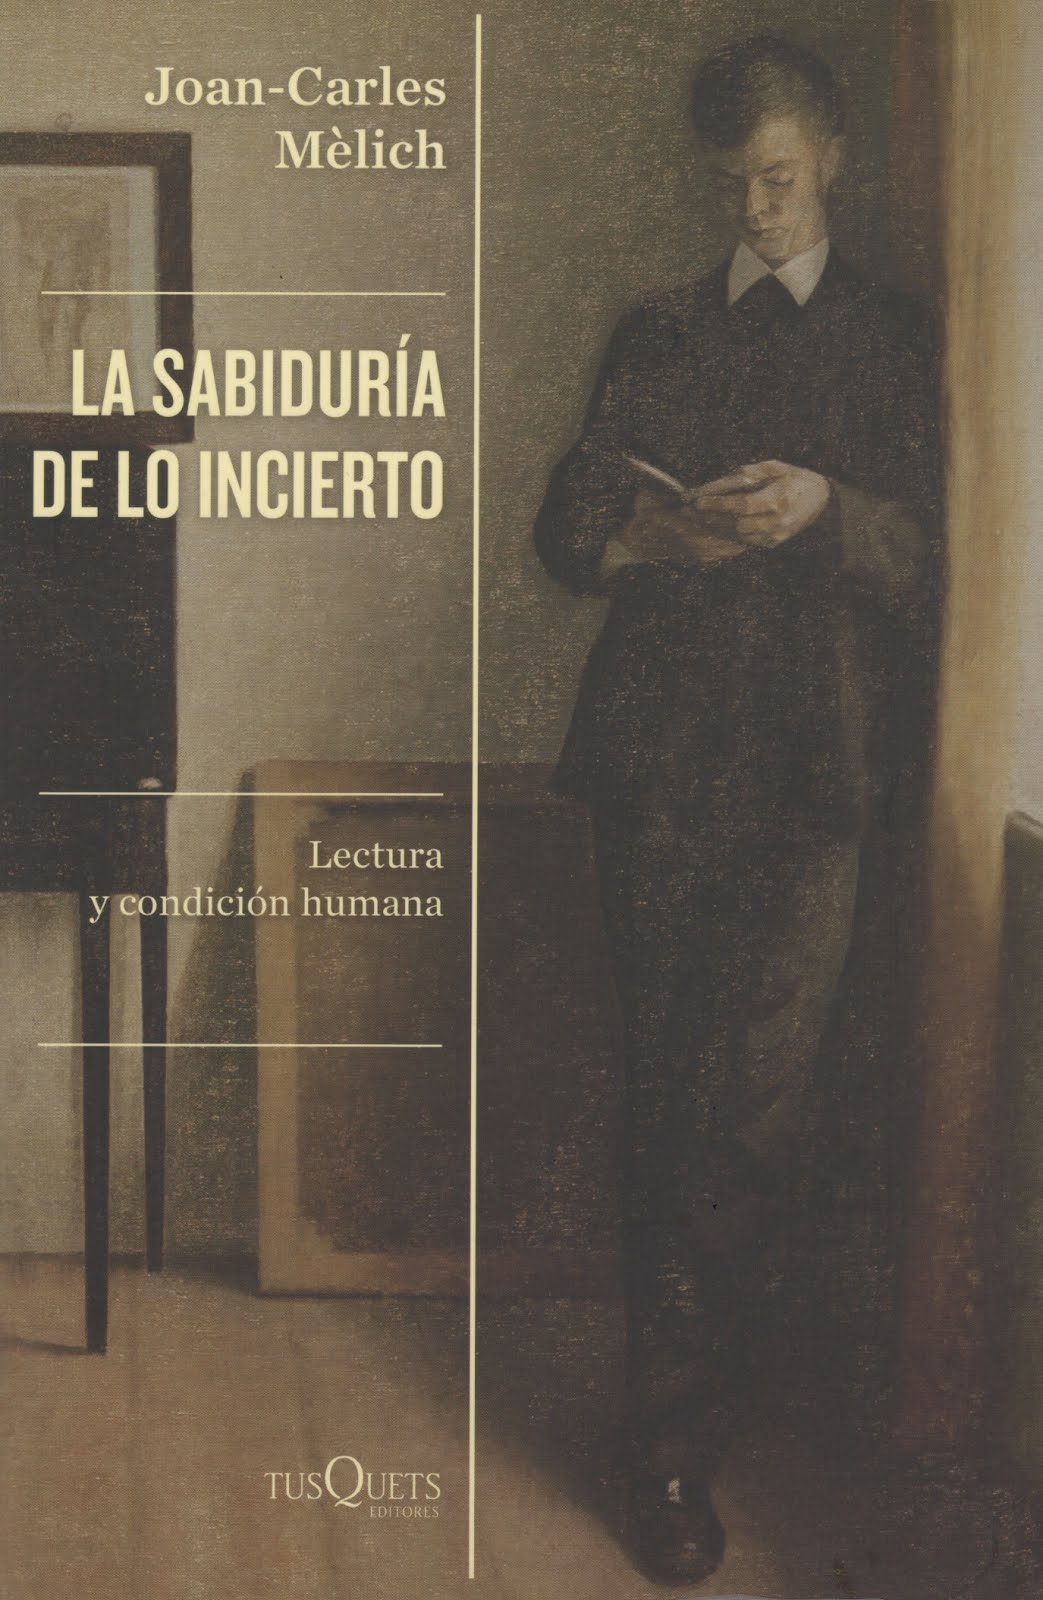 Joan-Carles Mèlich (La sabiduría de lo incierto) Lectura y condición humana